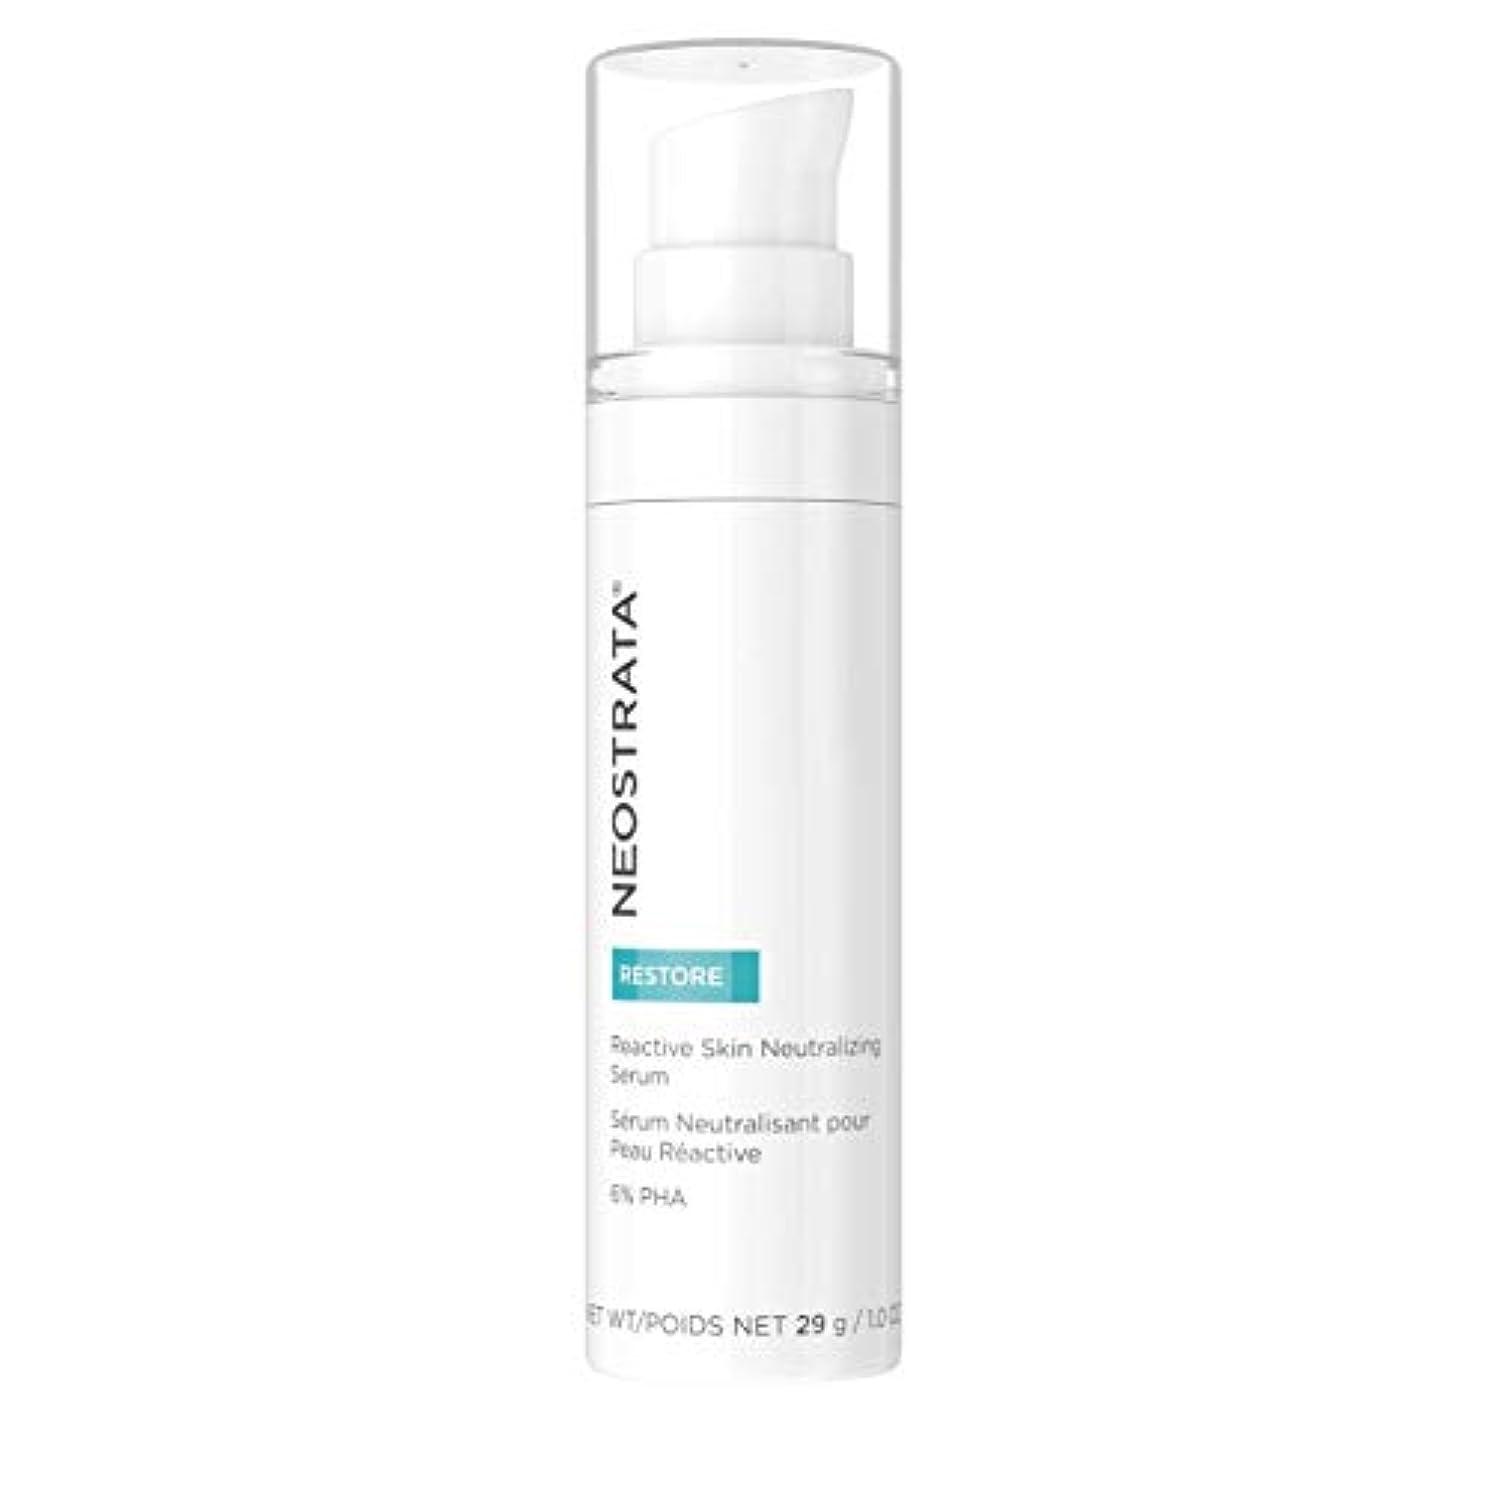 神秘的な累積立場ネオストラータ Restore - Reactive Skin Neutralizing Serum 6% PHA 29g/1oz並行輸入品